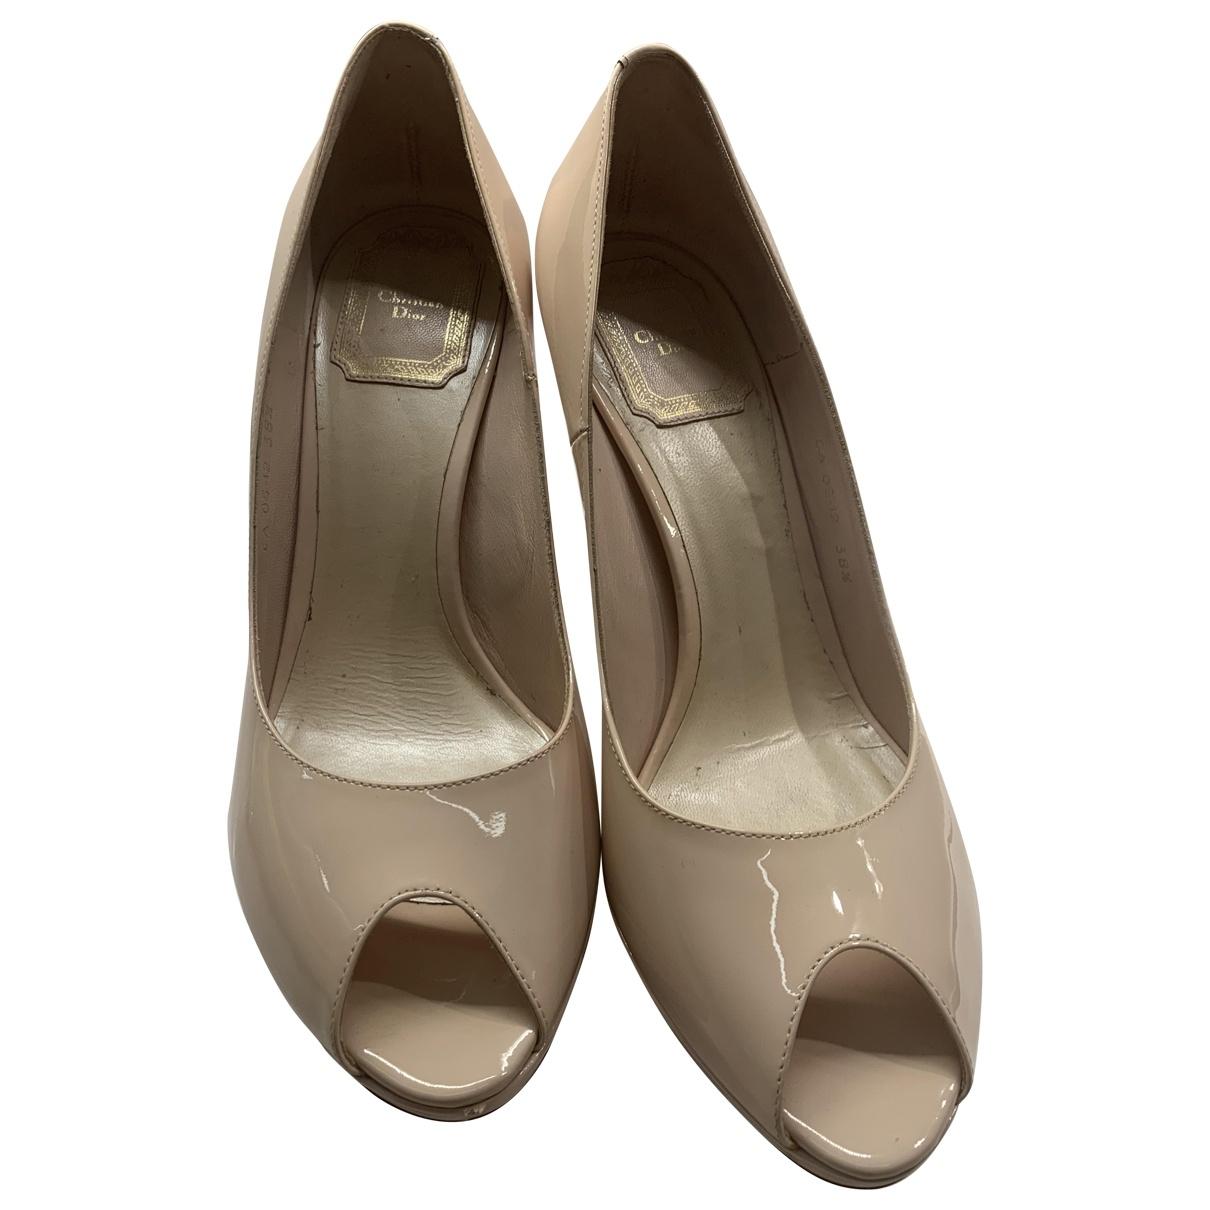 Dior - Escarpins   pour femme en cuir verni - beige